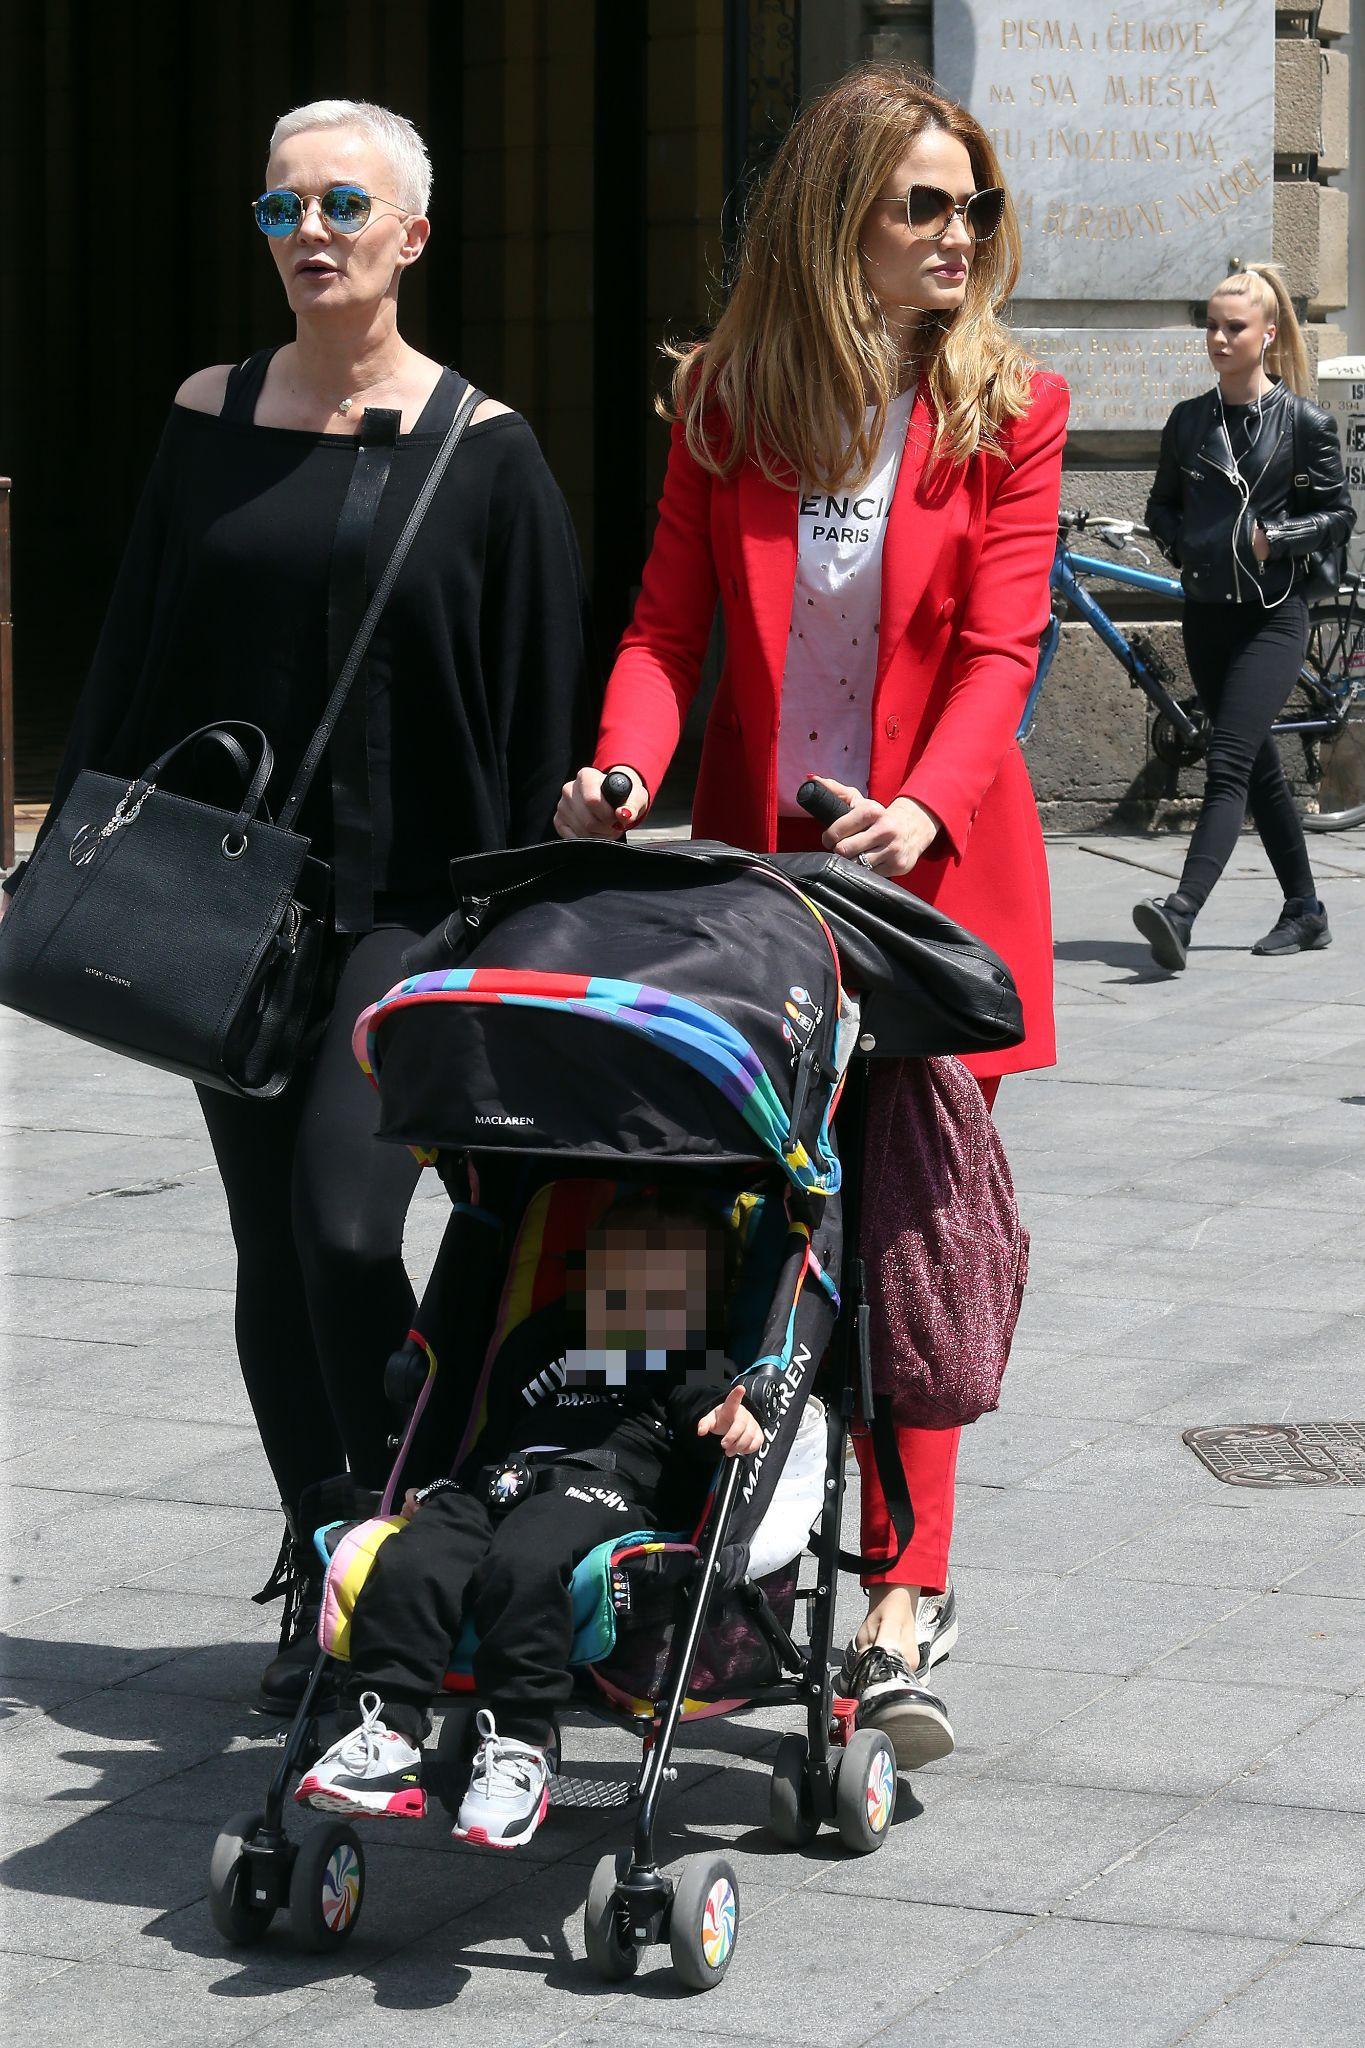 Maja Cvjetković prošetala Cvjetnim trgom u trendi odijelu i T-shirtu